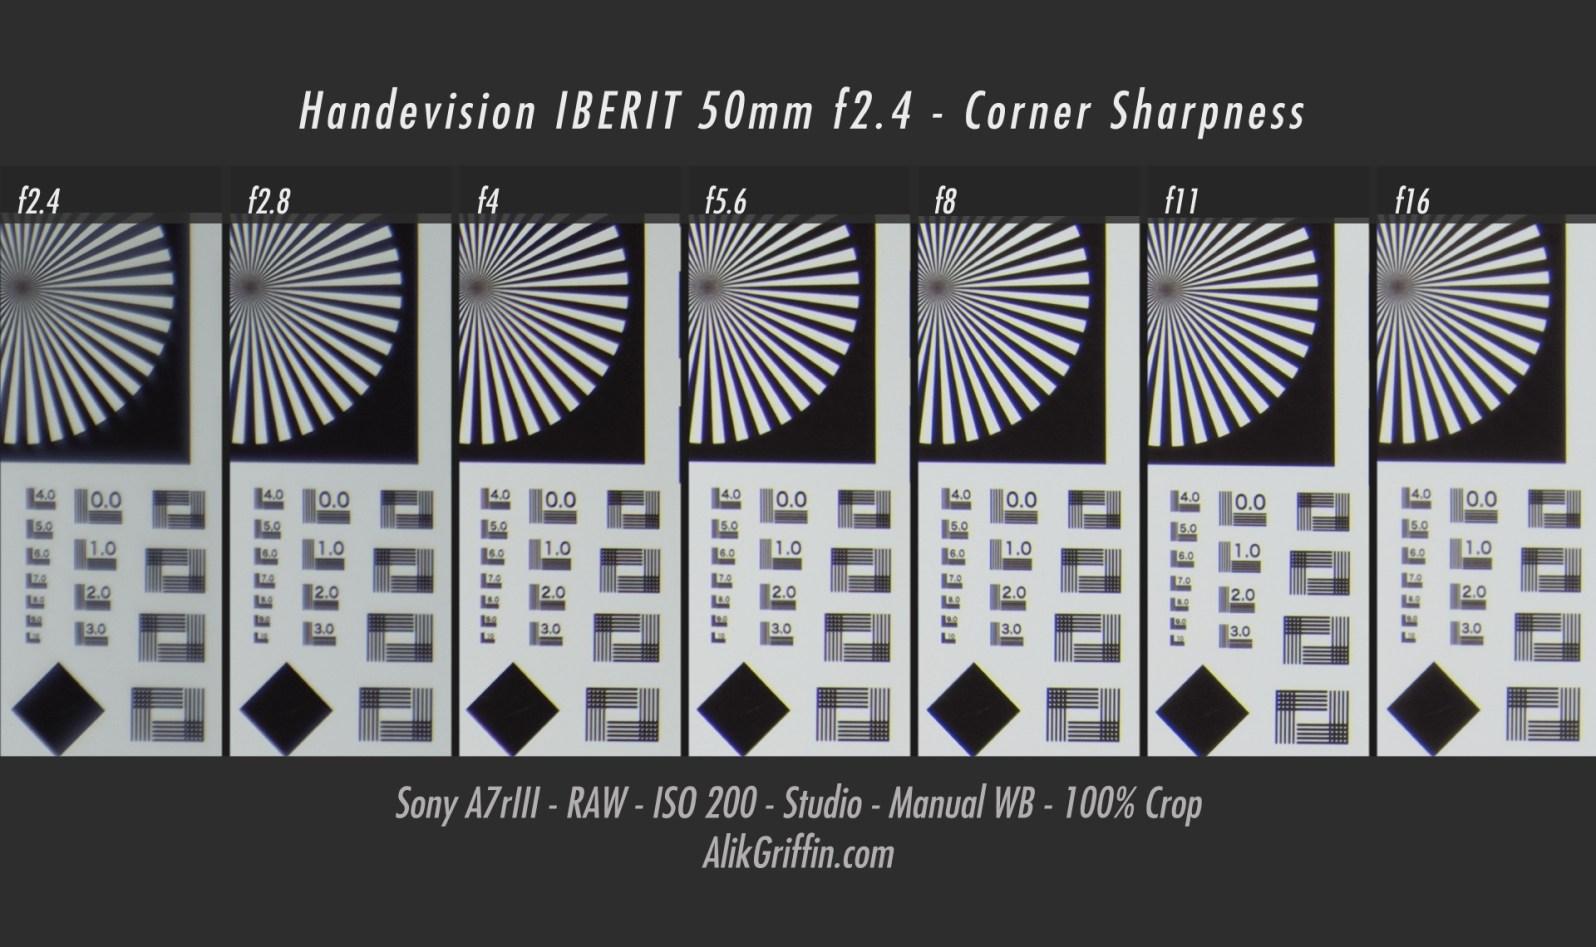 AlikGriffin_Handevision50mmf2.4_CornerSharpness